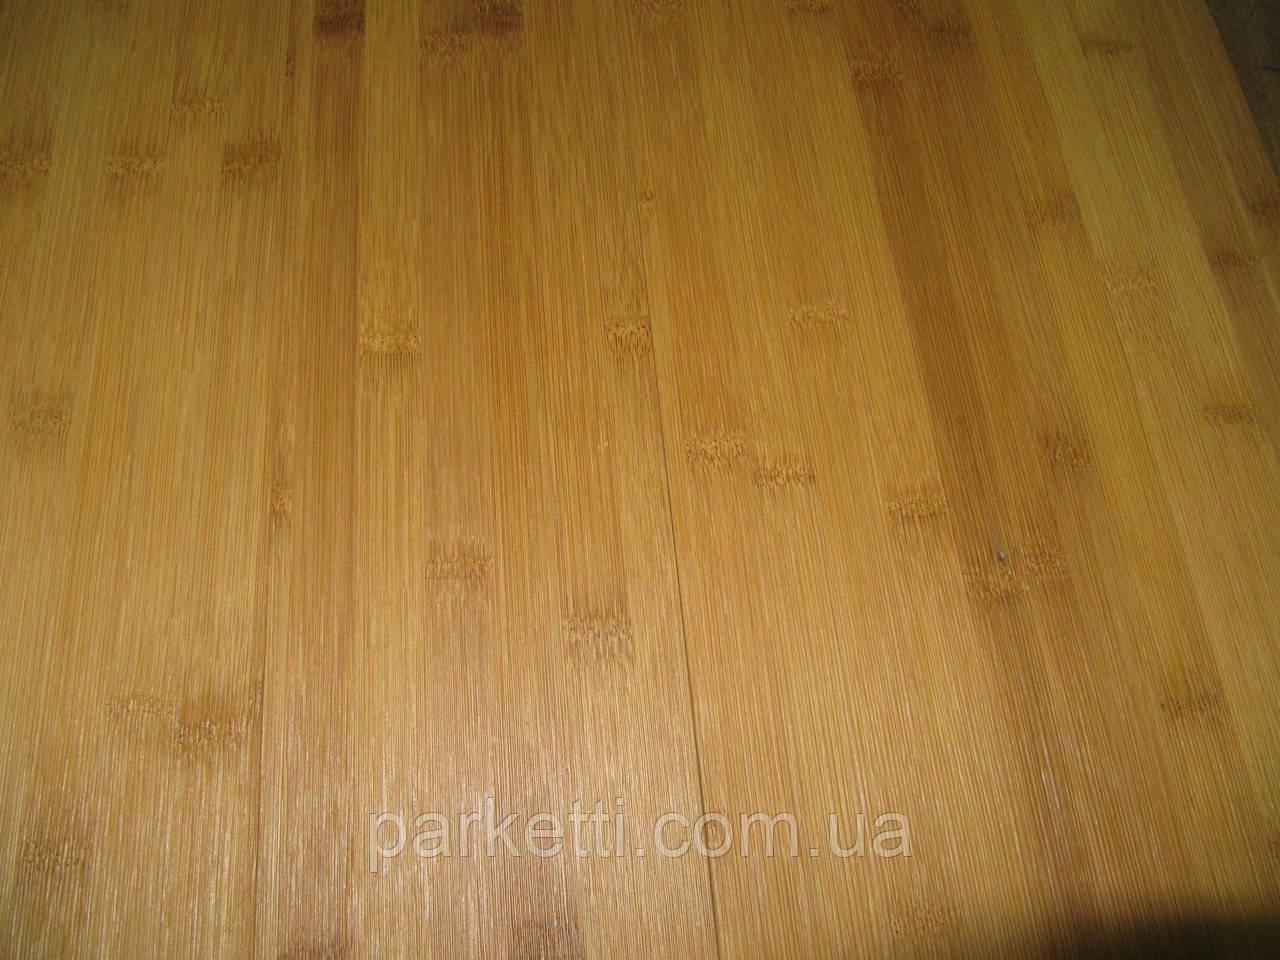 Паркетная доска MOSO top bamboo Caramel PP, BR